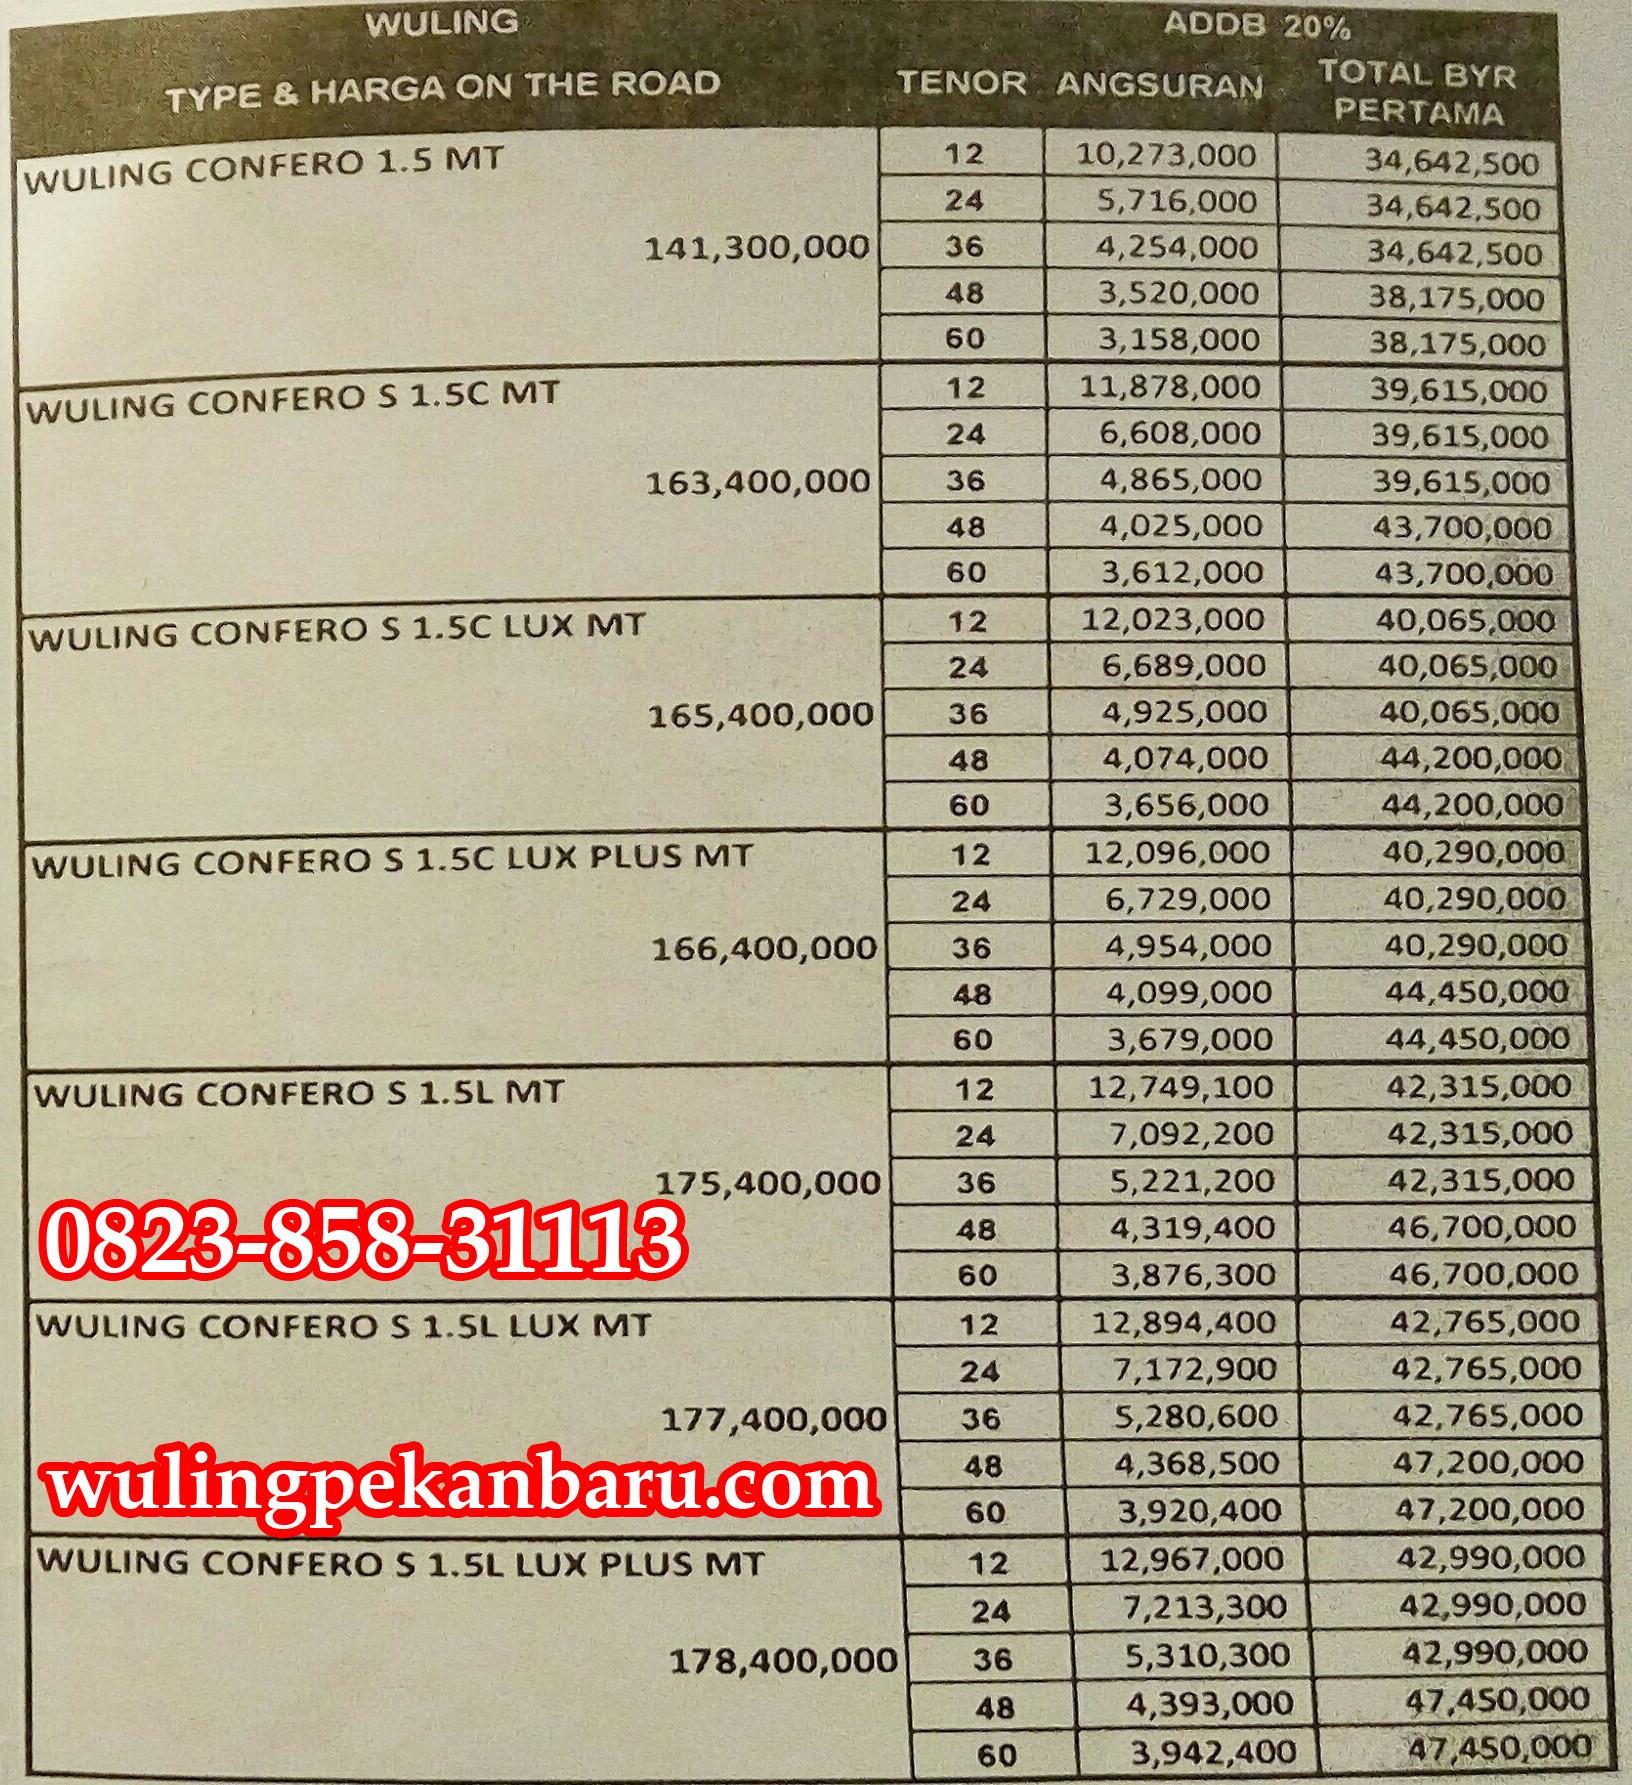 Harga Mobil Wuling Cicilan Dp 2018 Murah Tukar Brosur Daftar Harga Price List Kredit Angsuran Toyota Avanza Confero S C L Di Showroom Dealer Pekanbaru Riau Spesifikasi Interior Eksterior Jakarta 0823 858 31113